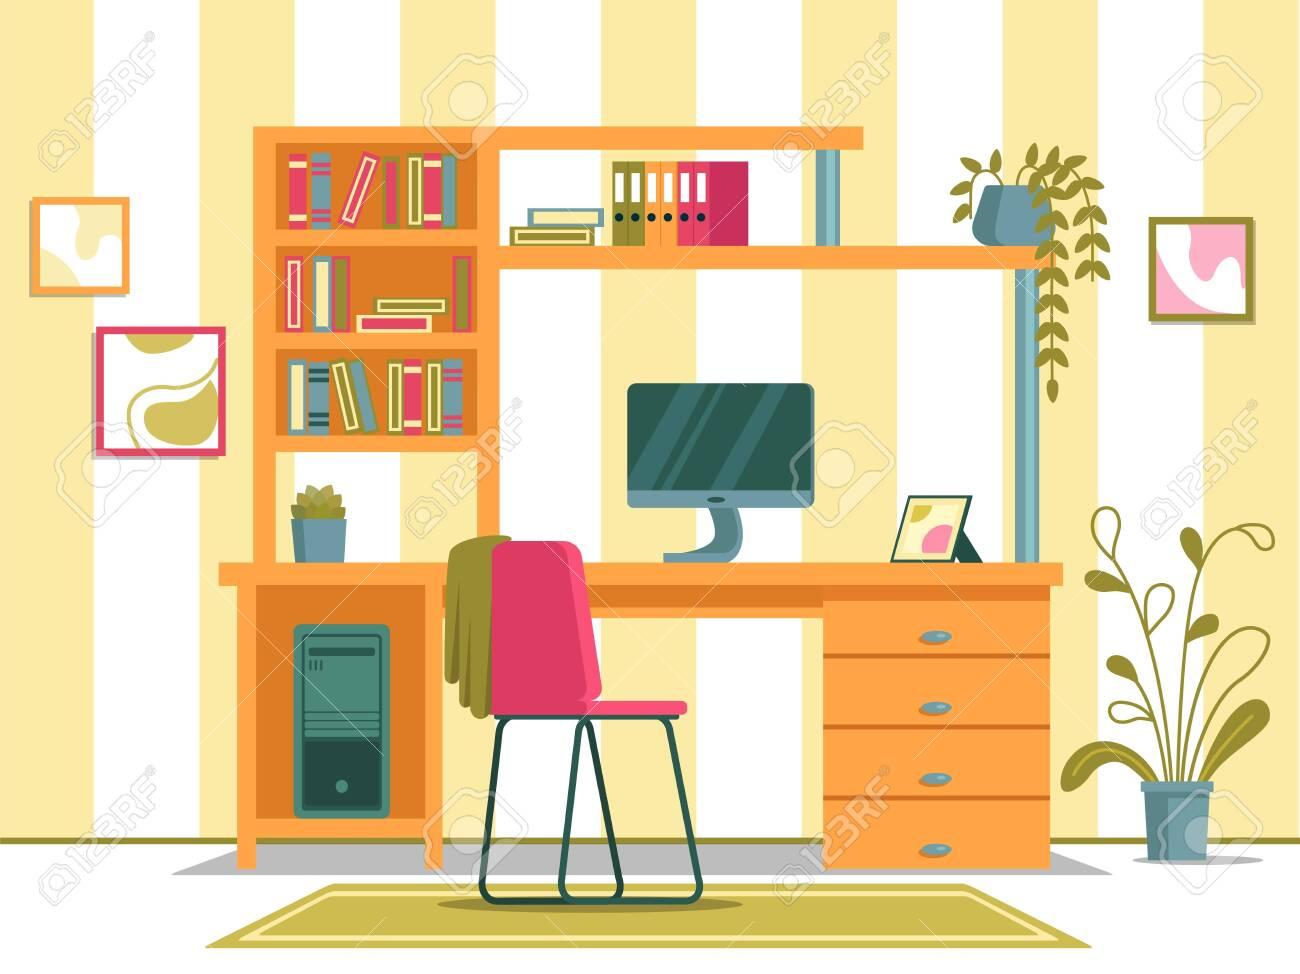 Working Spot For Studying With Pc In Kids Room Ilustraciones Vectoriales Clip Art Vectorizado Libre De Derechos Image 142659638